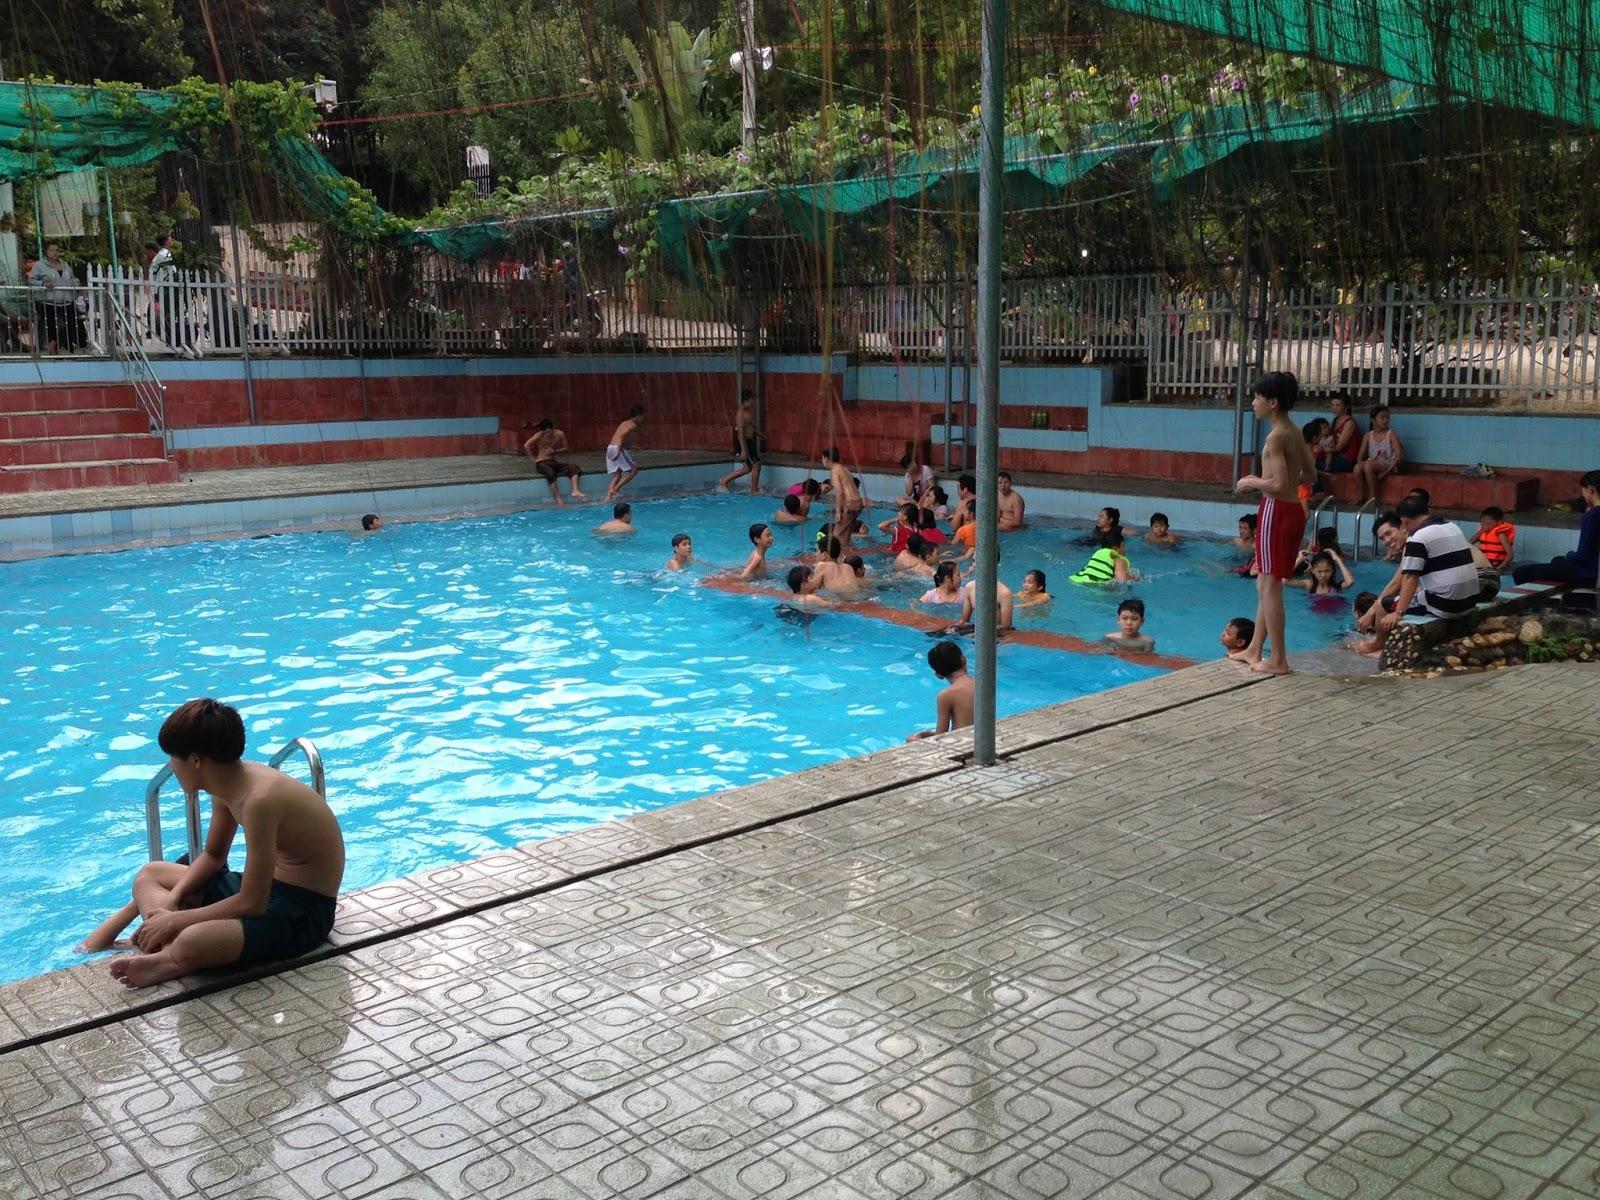 Hồ Bơi Minh Thư - Địa điểm thư giãn cuối tuần ở Bình Dương